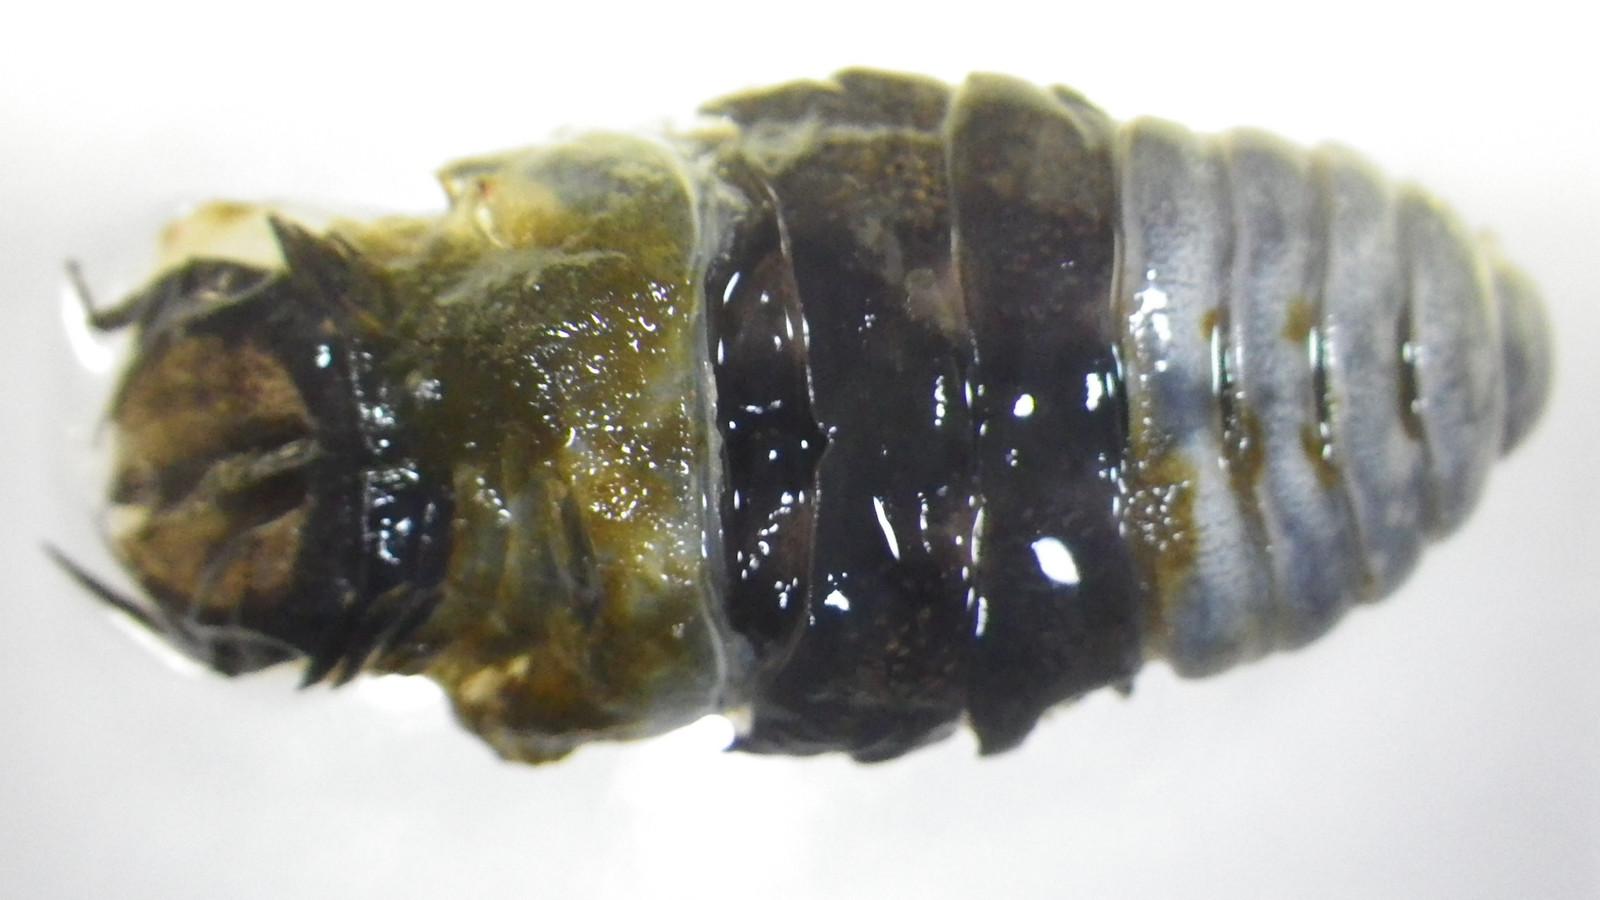 ウオノコバン属 Nerocila: だん...